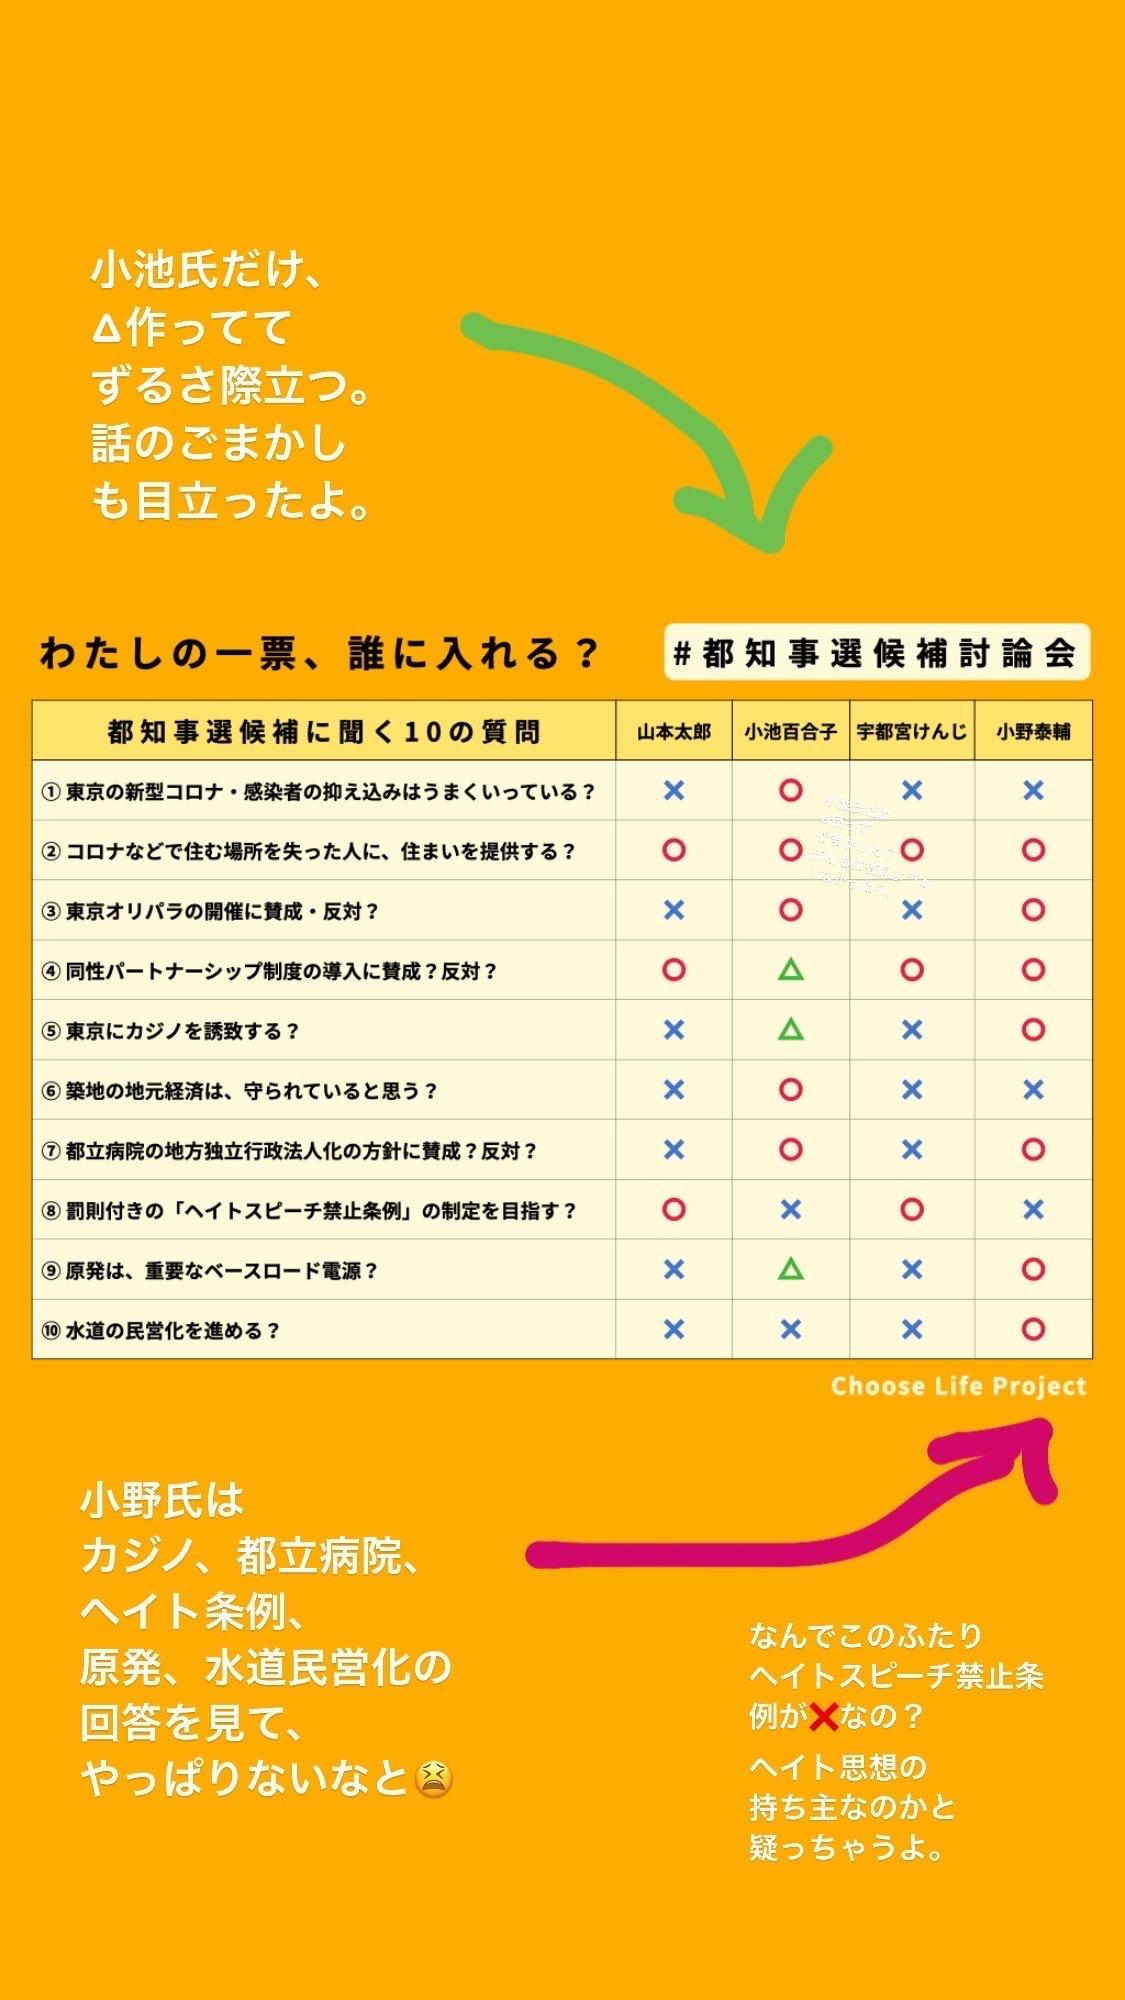 瀕死の日本を救うために、私たちにできること。〜東京都知事選のこと〜_d0315734_16443069.jpg